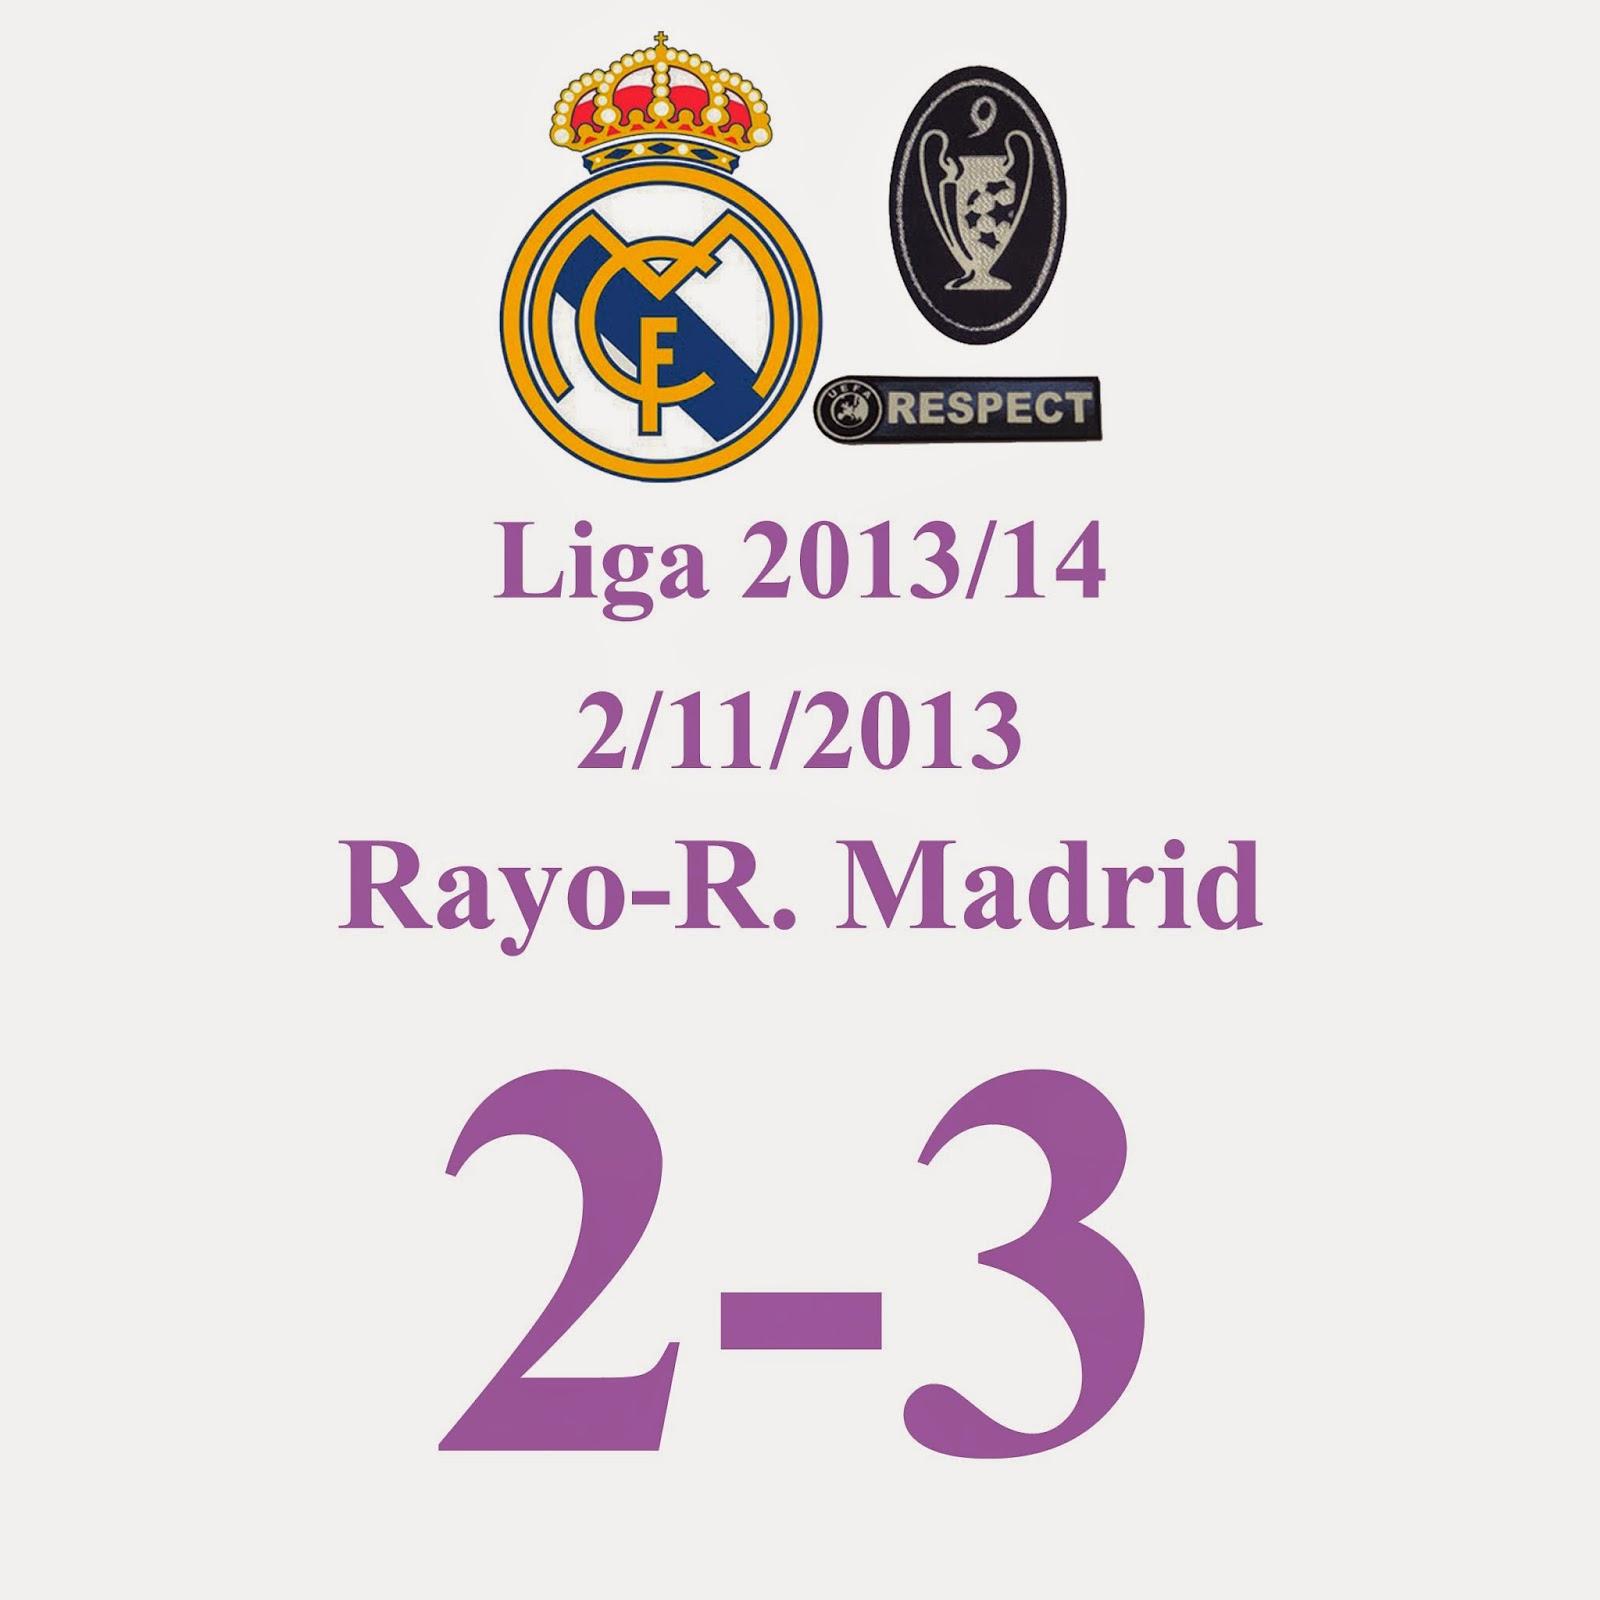 Rayo Vallecano 2 - Real Madrid 3 (Jornada 12) 2/11/2013 - Otros dos Golazos de Ronaldo y otro de Benzema